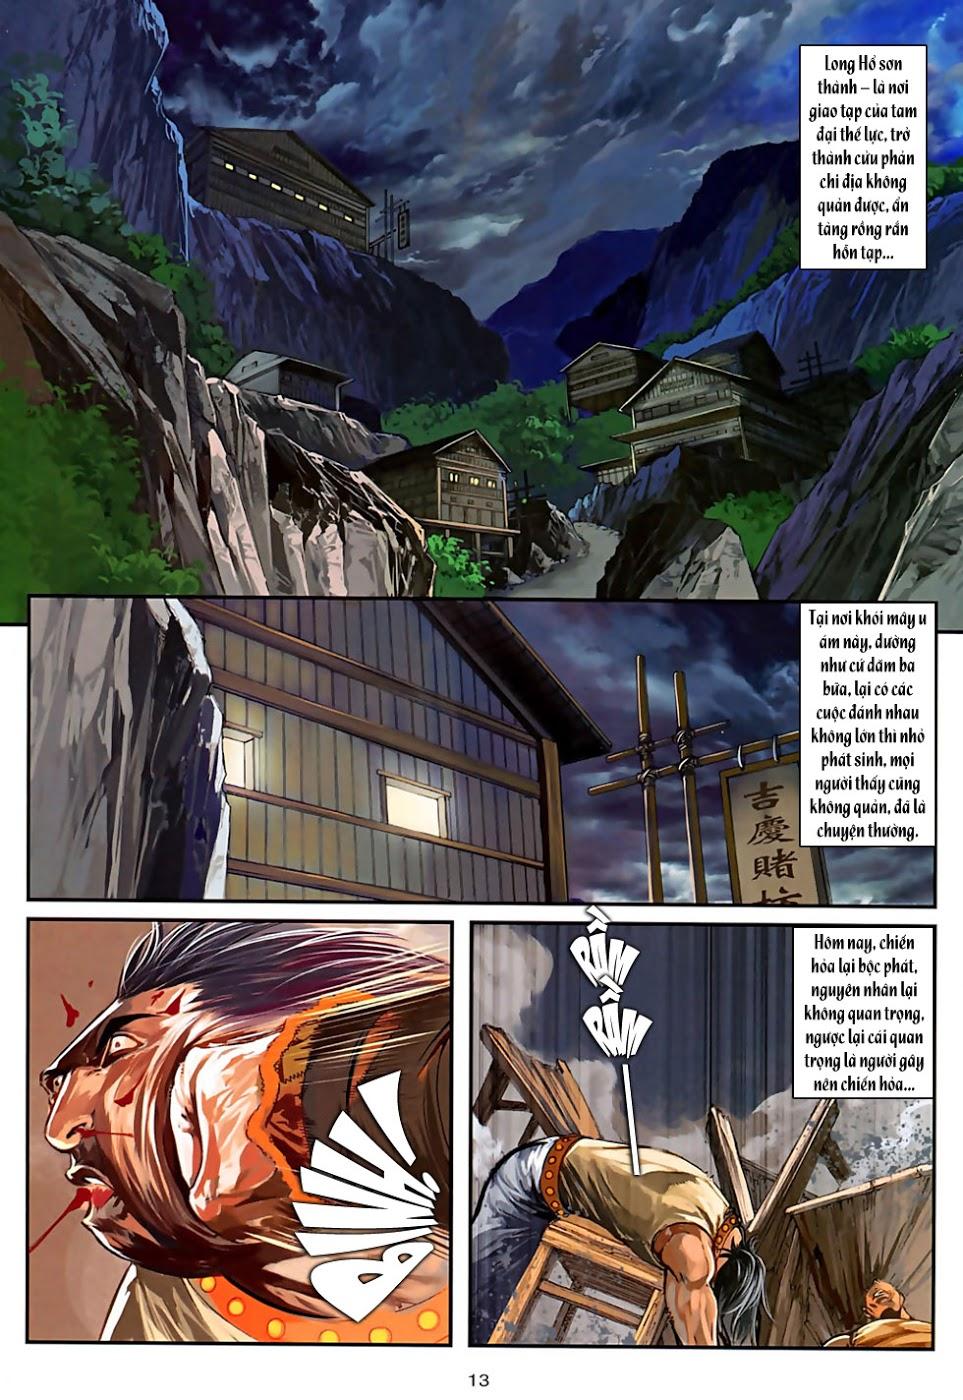 Ôn Thuỵ An Quần Hiệp Truyện Phần 2 chapter 30 trang 14